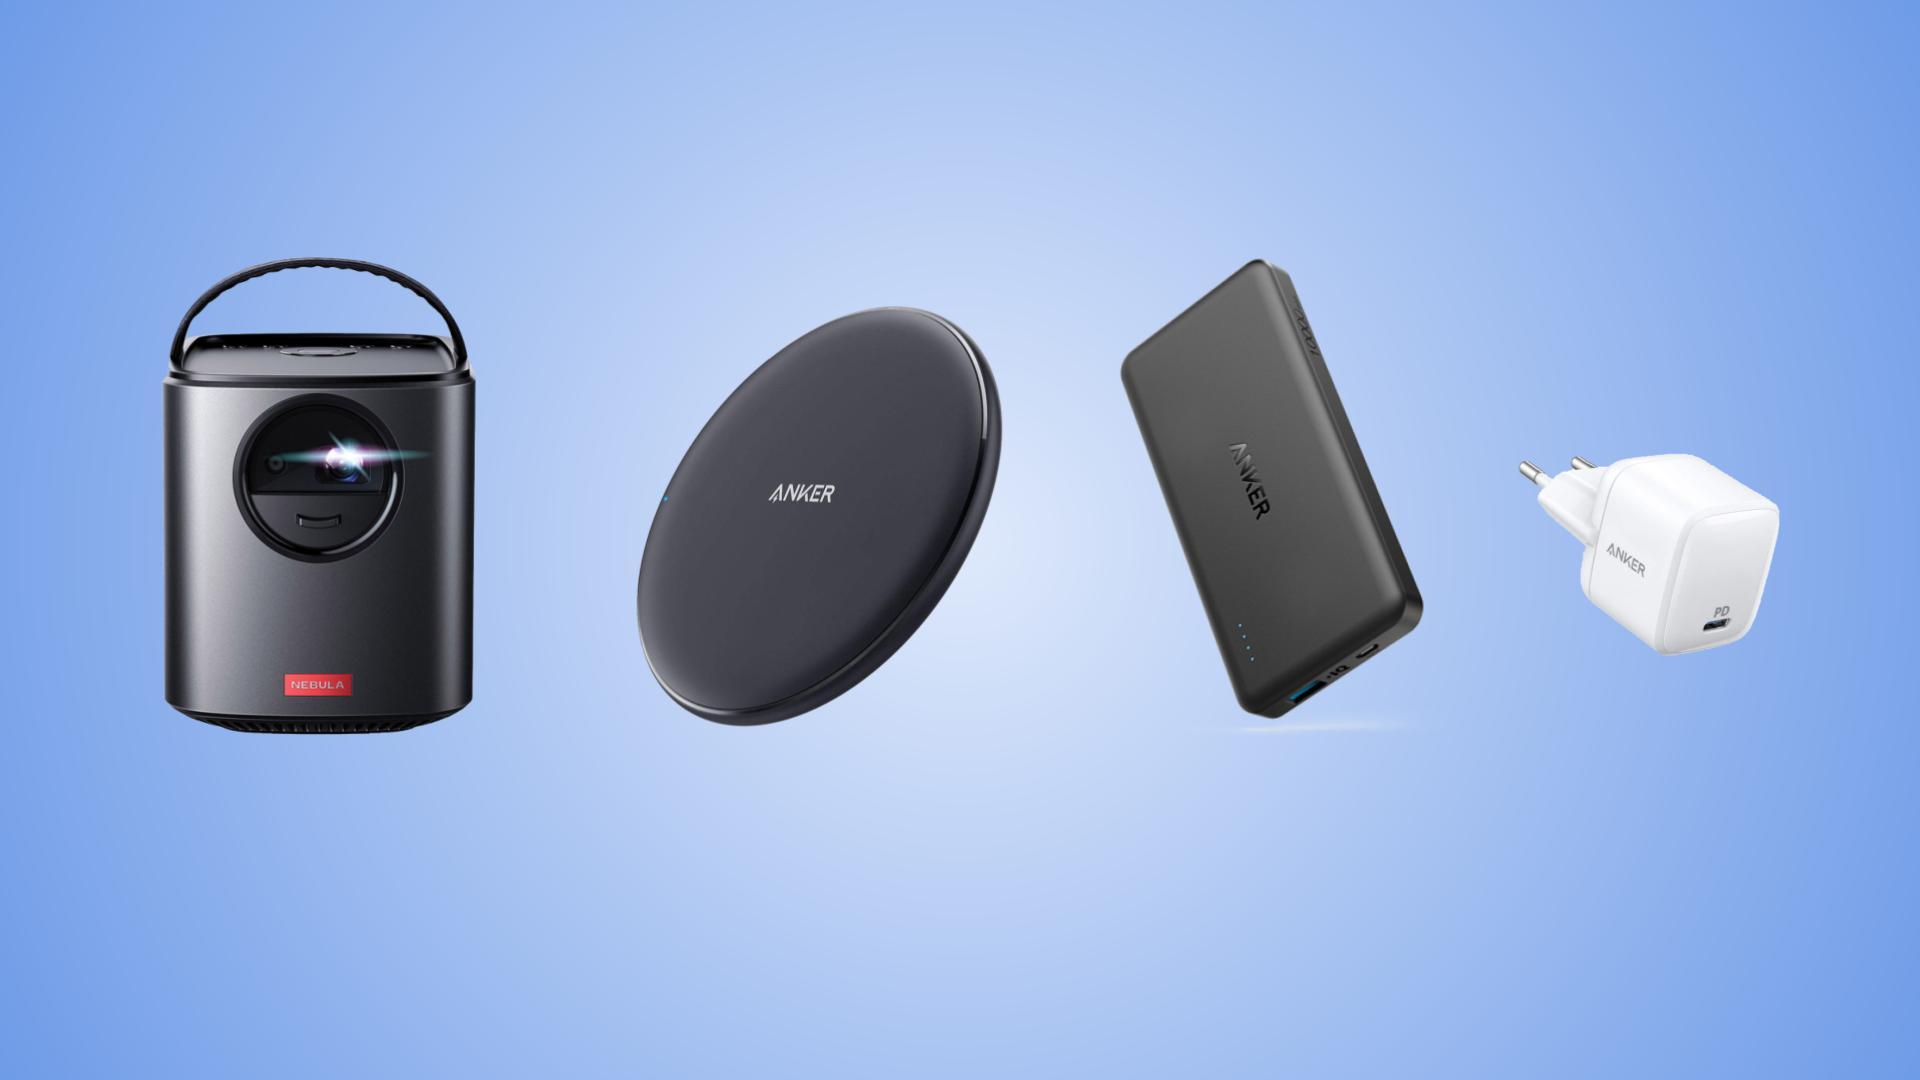 Les meilleures offres Anker pour le Prime Day d'Amazon : batterie externe, chargeur, câble et même projecteur